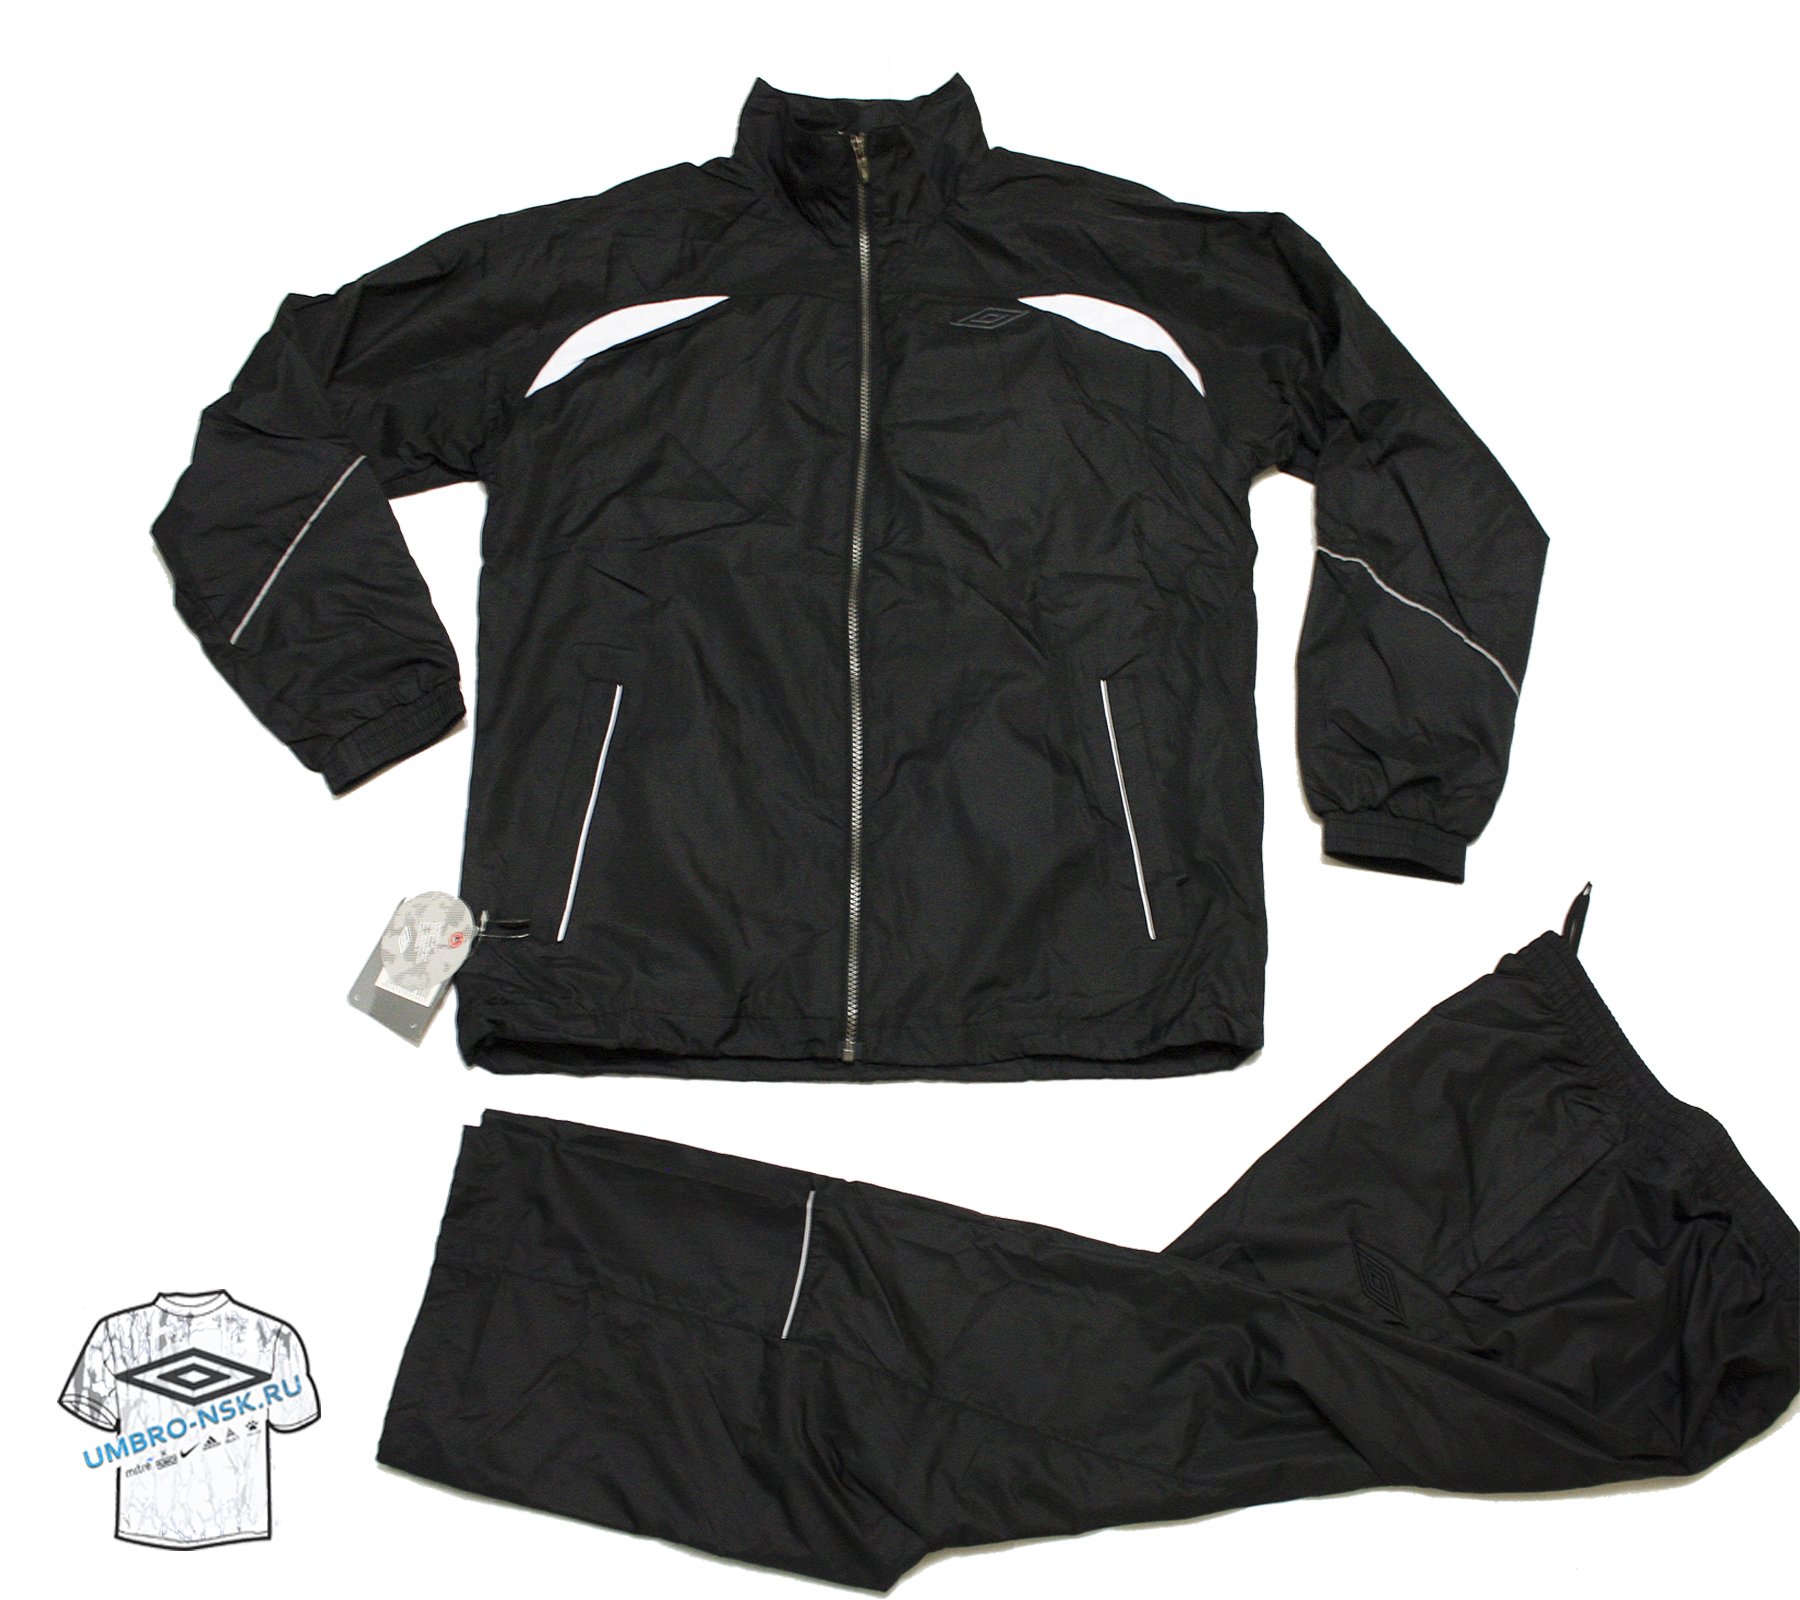 Чёрный спортивный костюм Umbro Wilson Lined Suit 102500-060